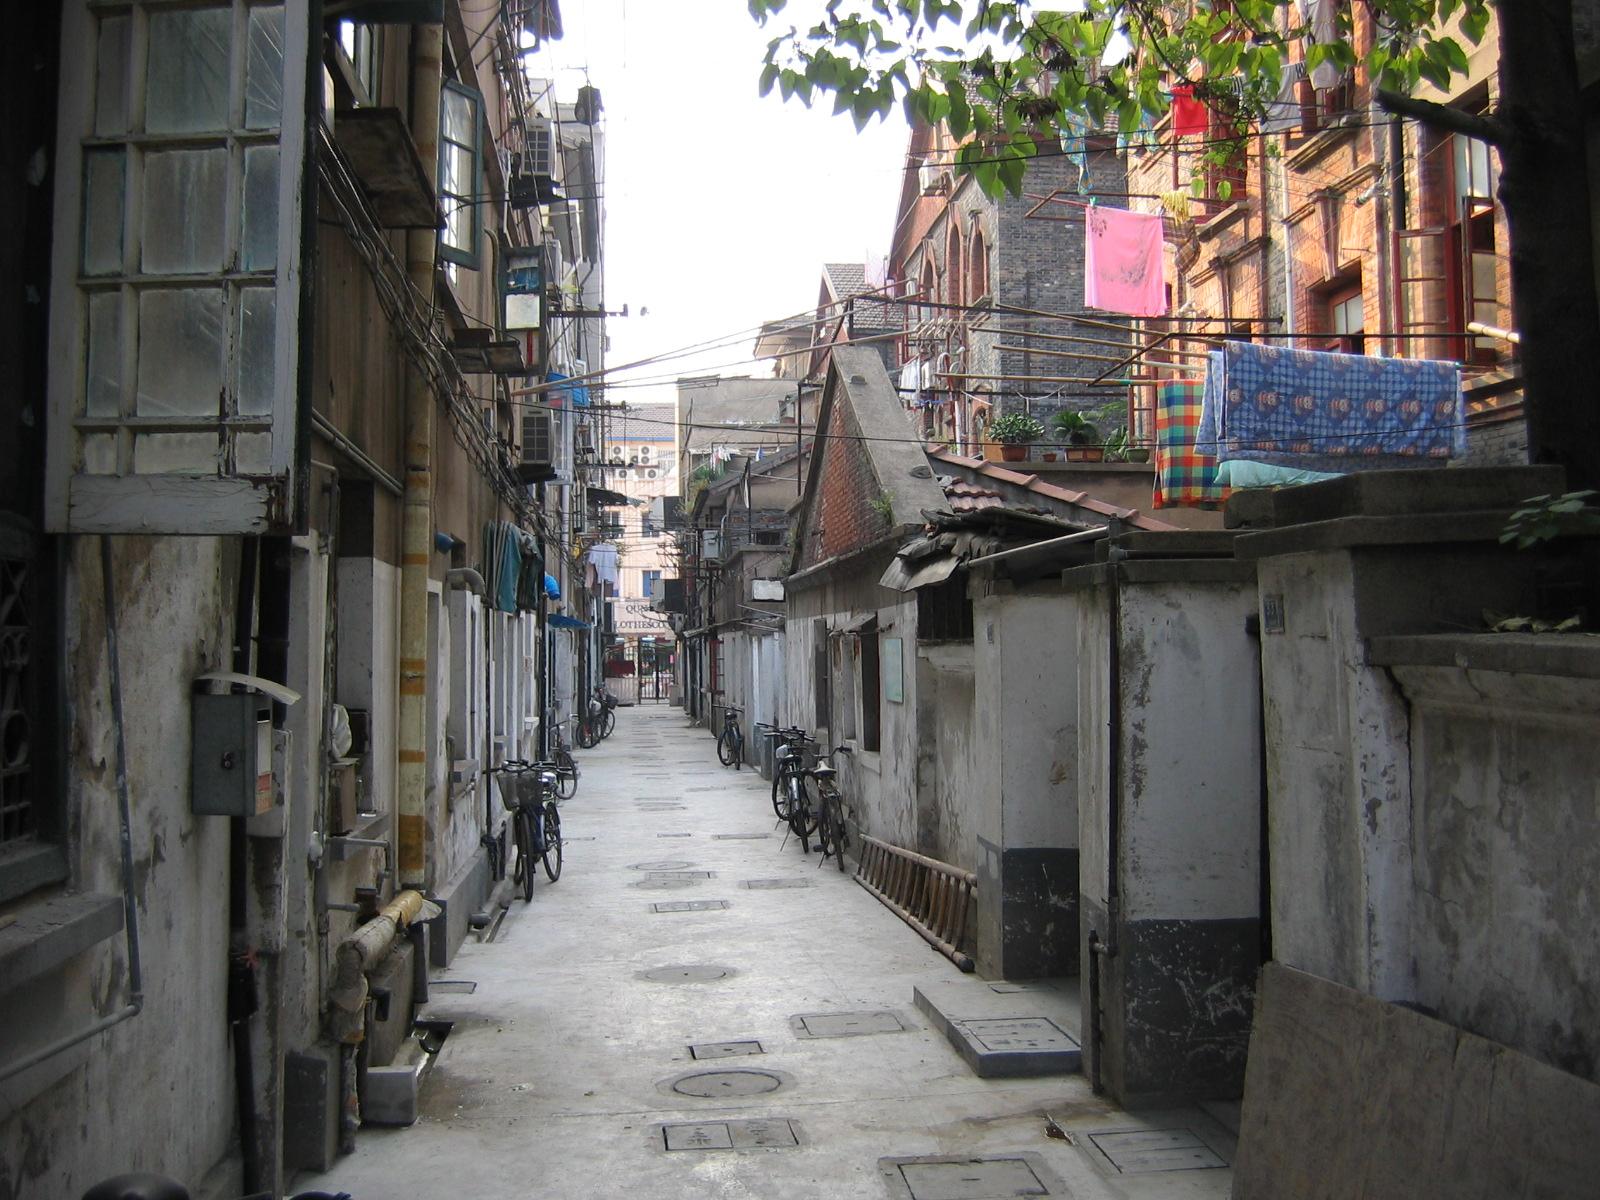 Eine Gasse im alten Kern von Shanghai